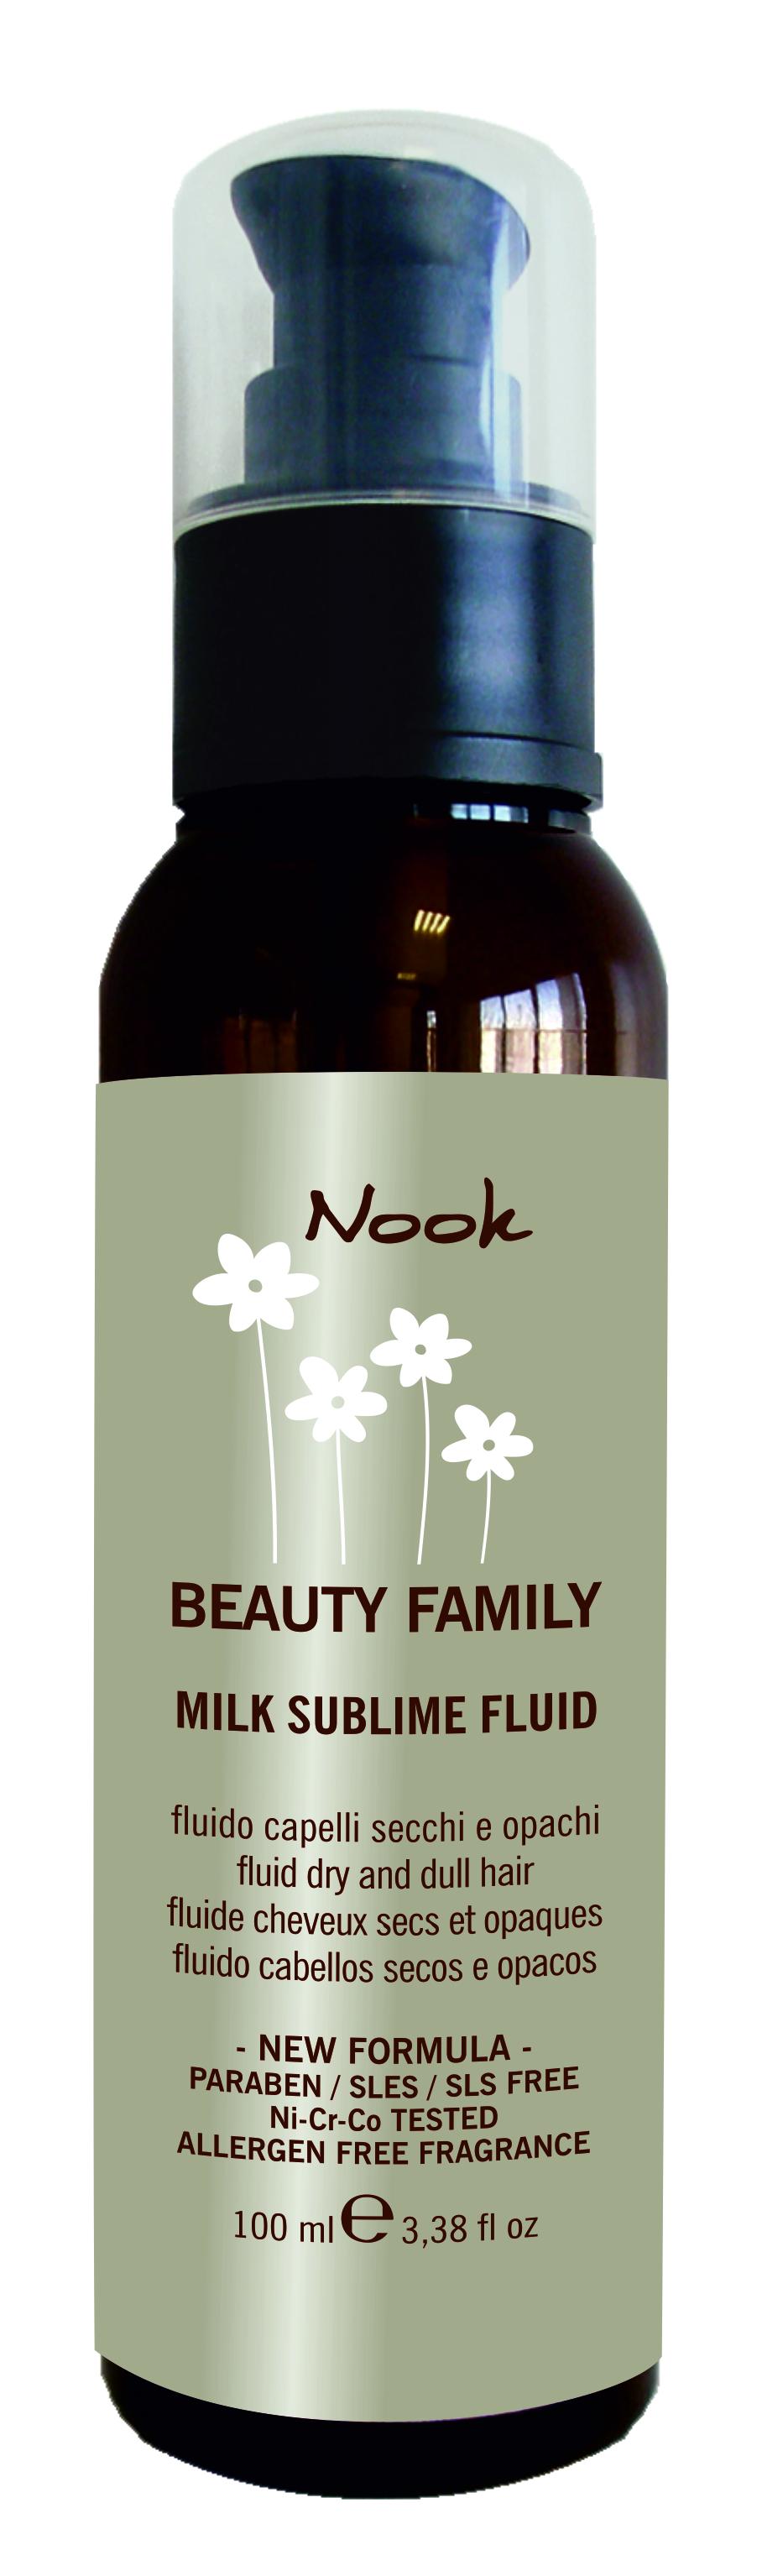 NOOK Флюид для поврежденных волос Ph 7,2 / Milk Sublime Fluid BEAUTY FAMILY 50 мл от Галерея Косметики